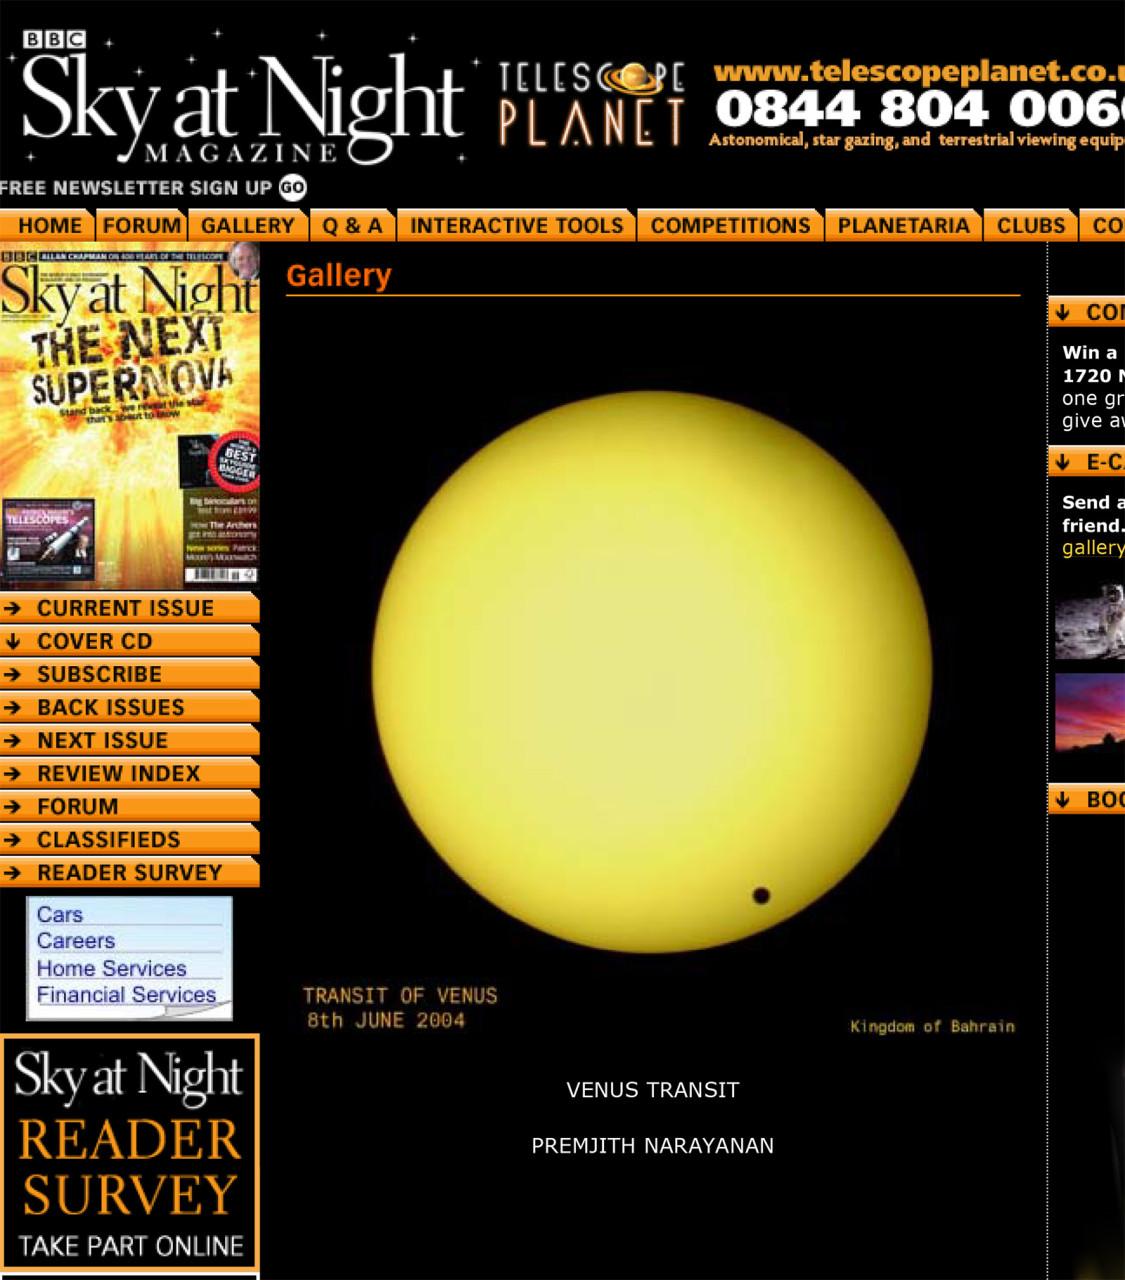 TRANSIT  OF  VENUS  PHOTO - IN  BBC  WEBSITE